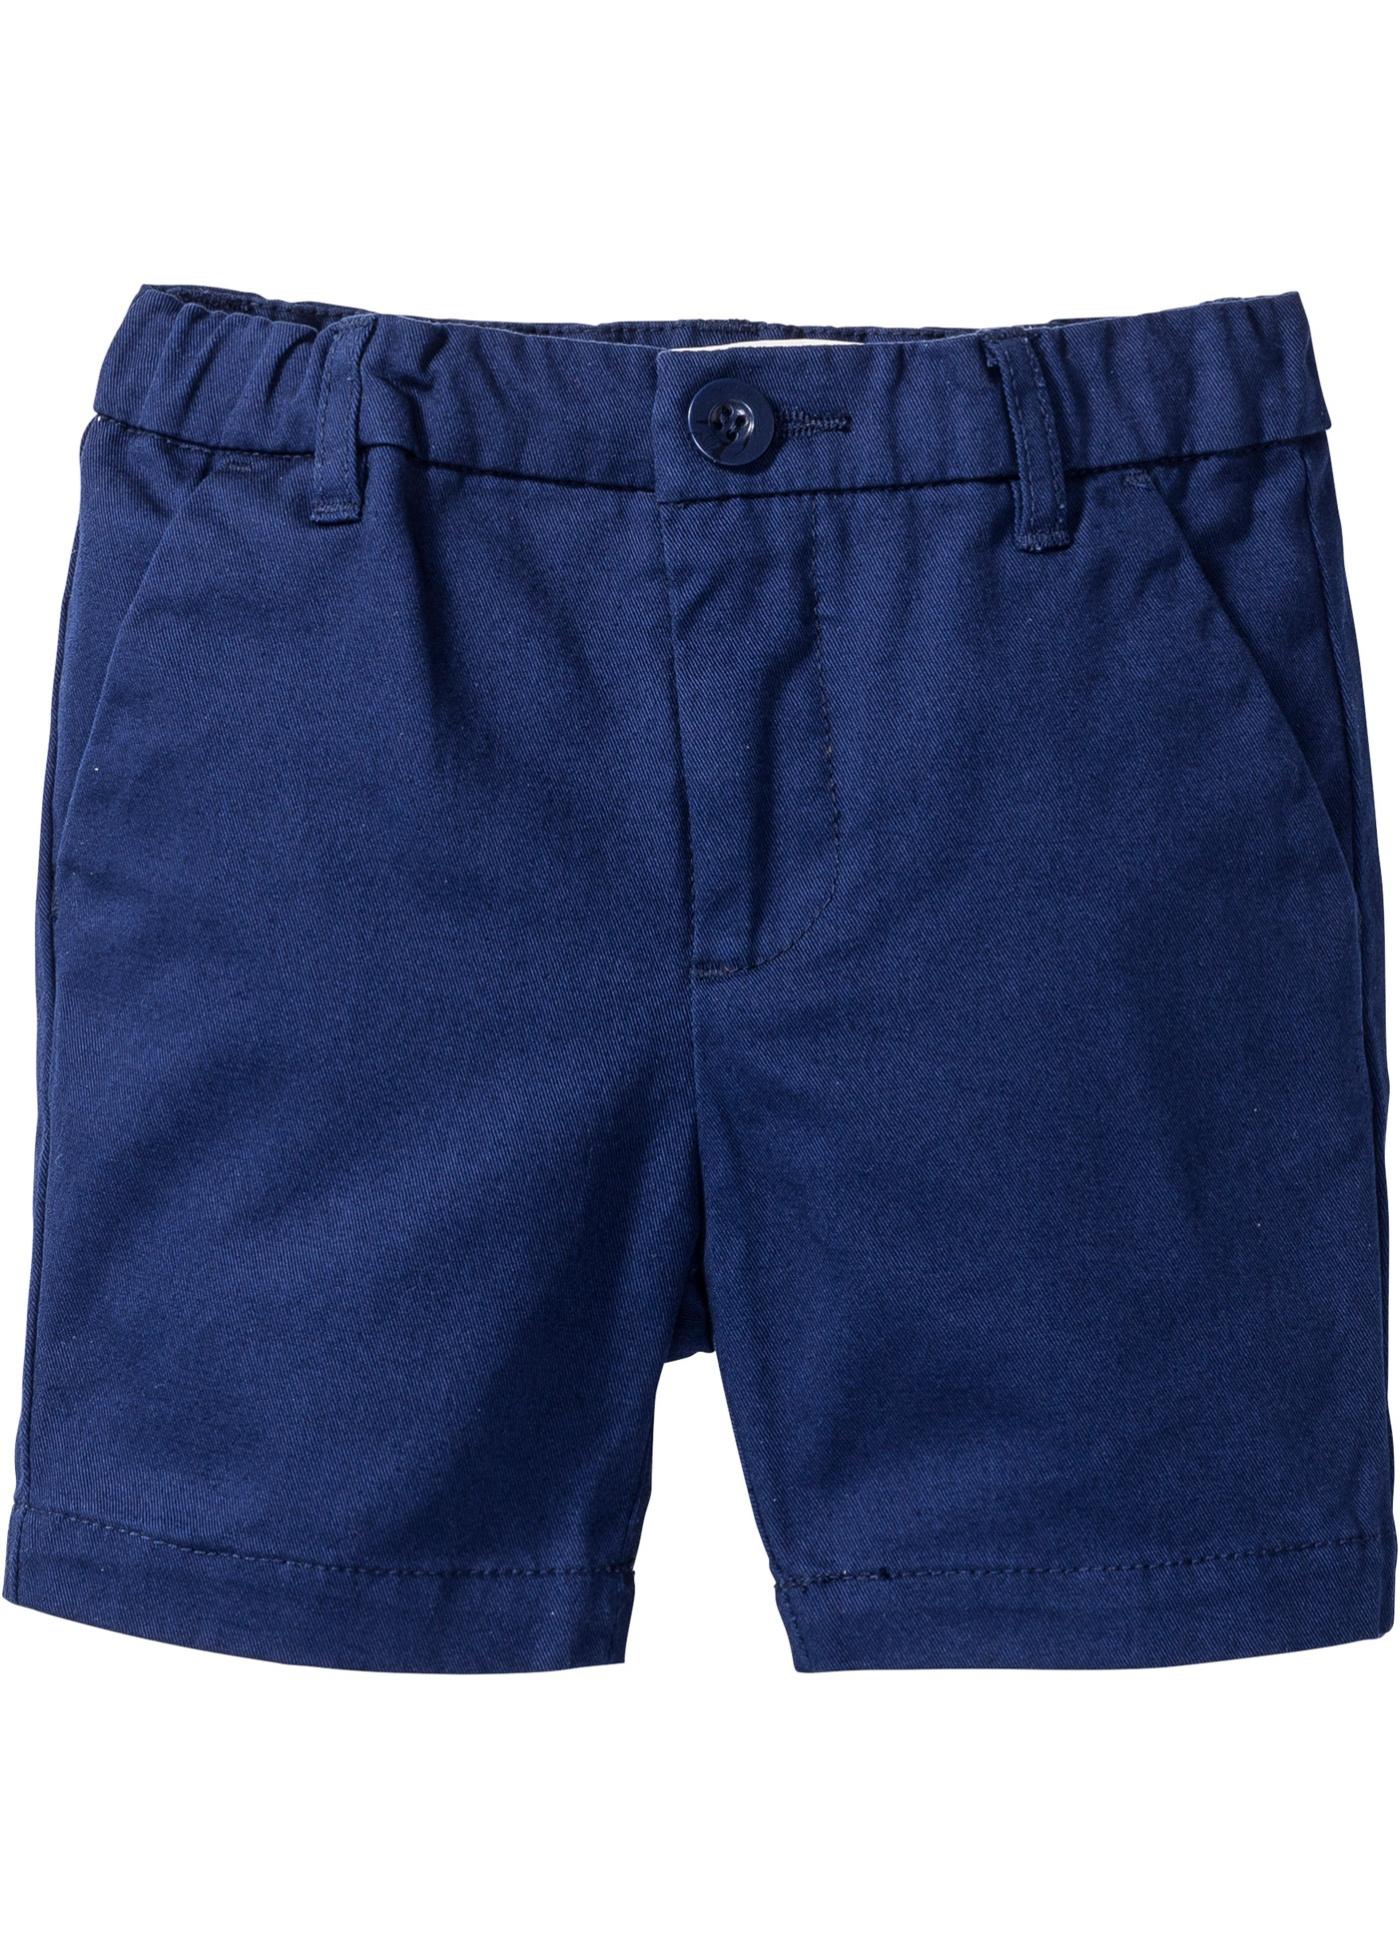 Pantalone chino corto  Bl